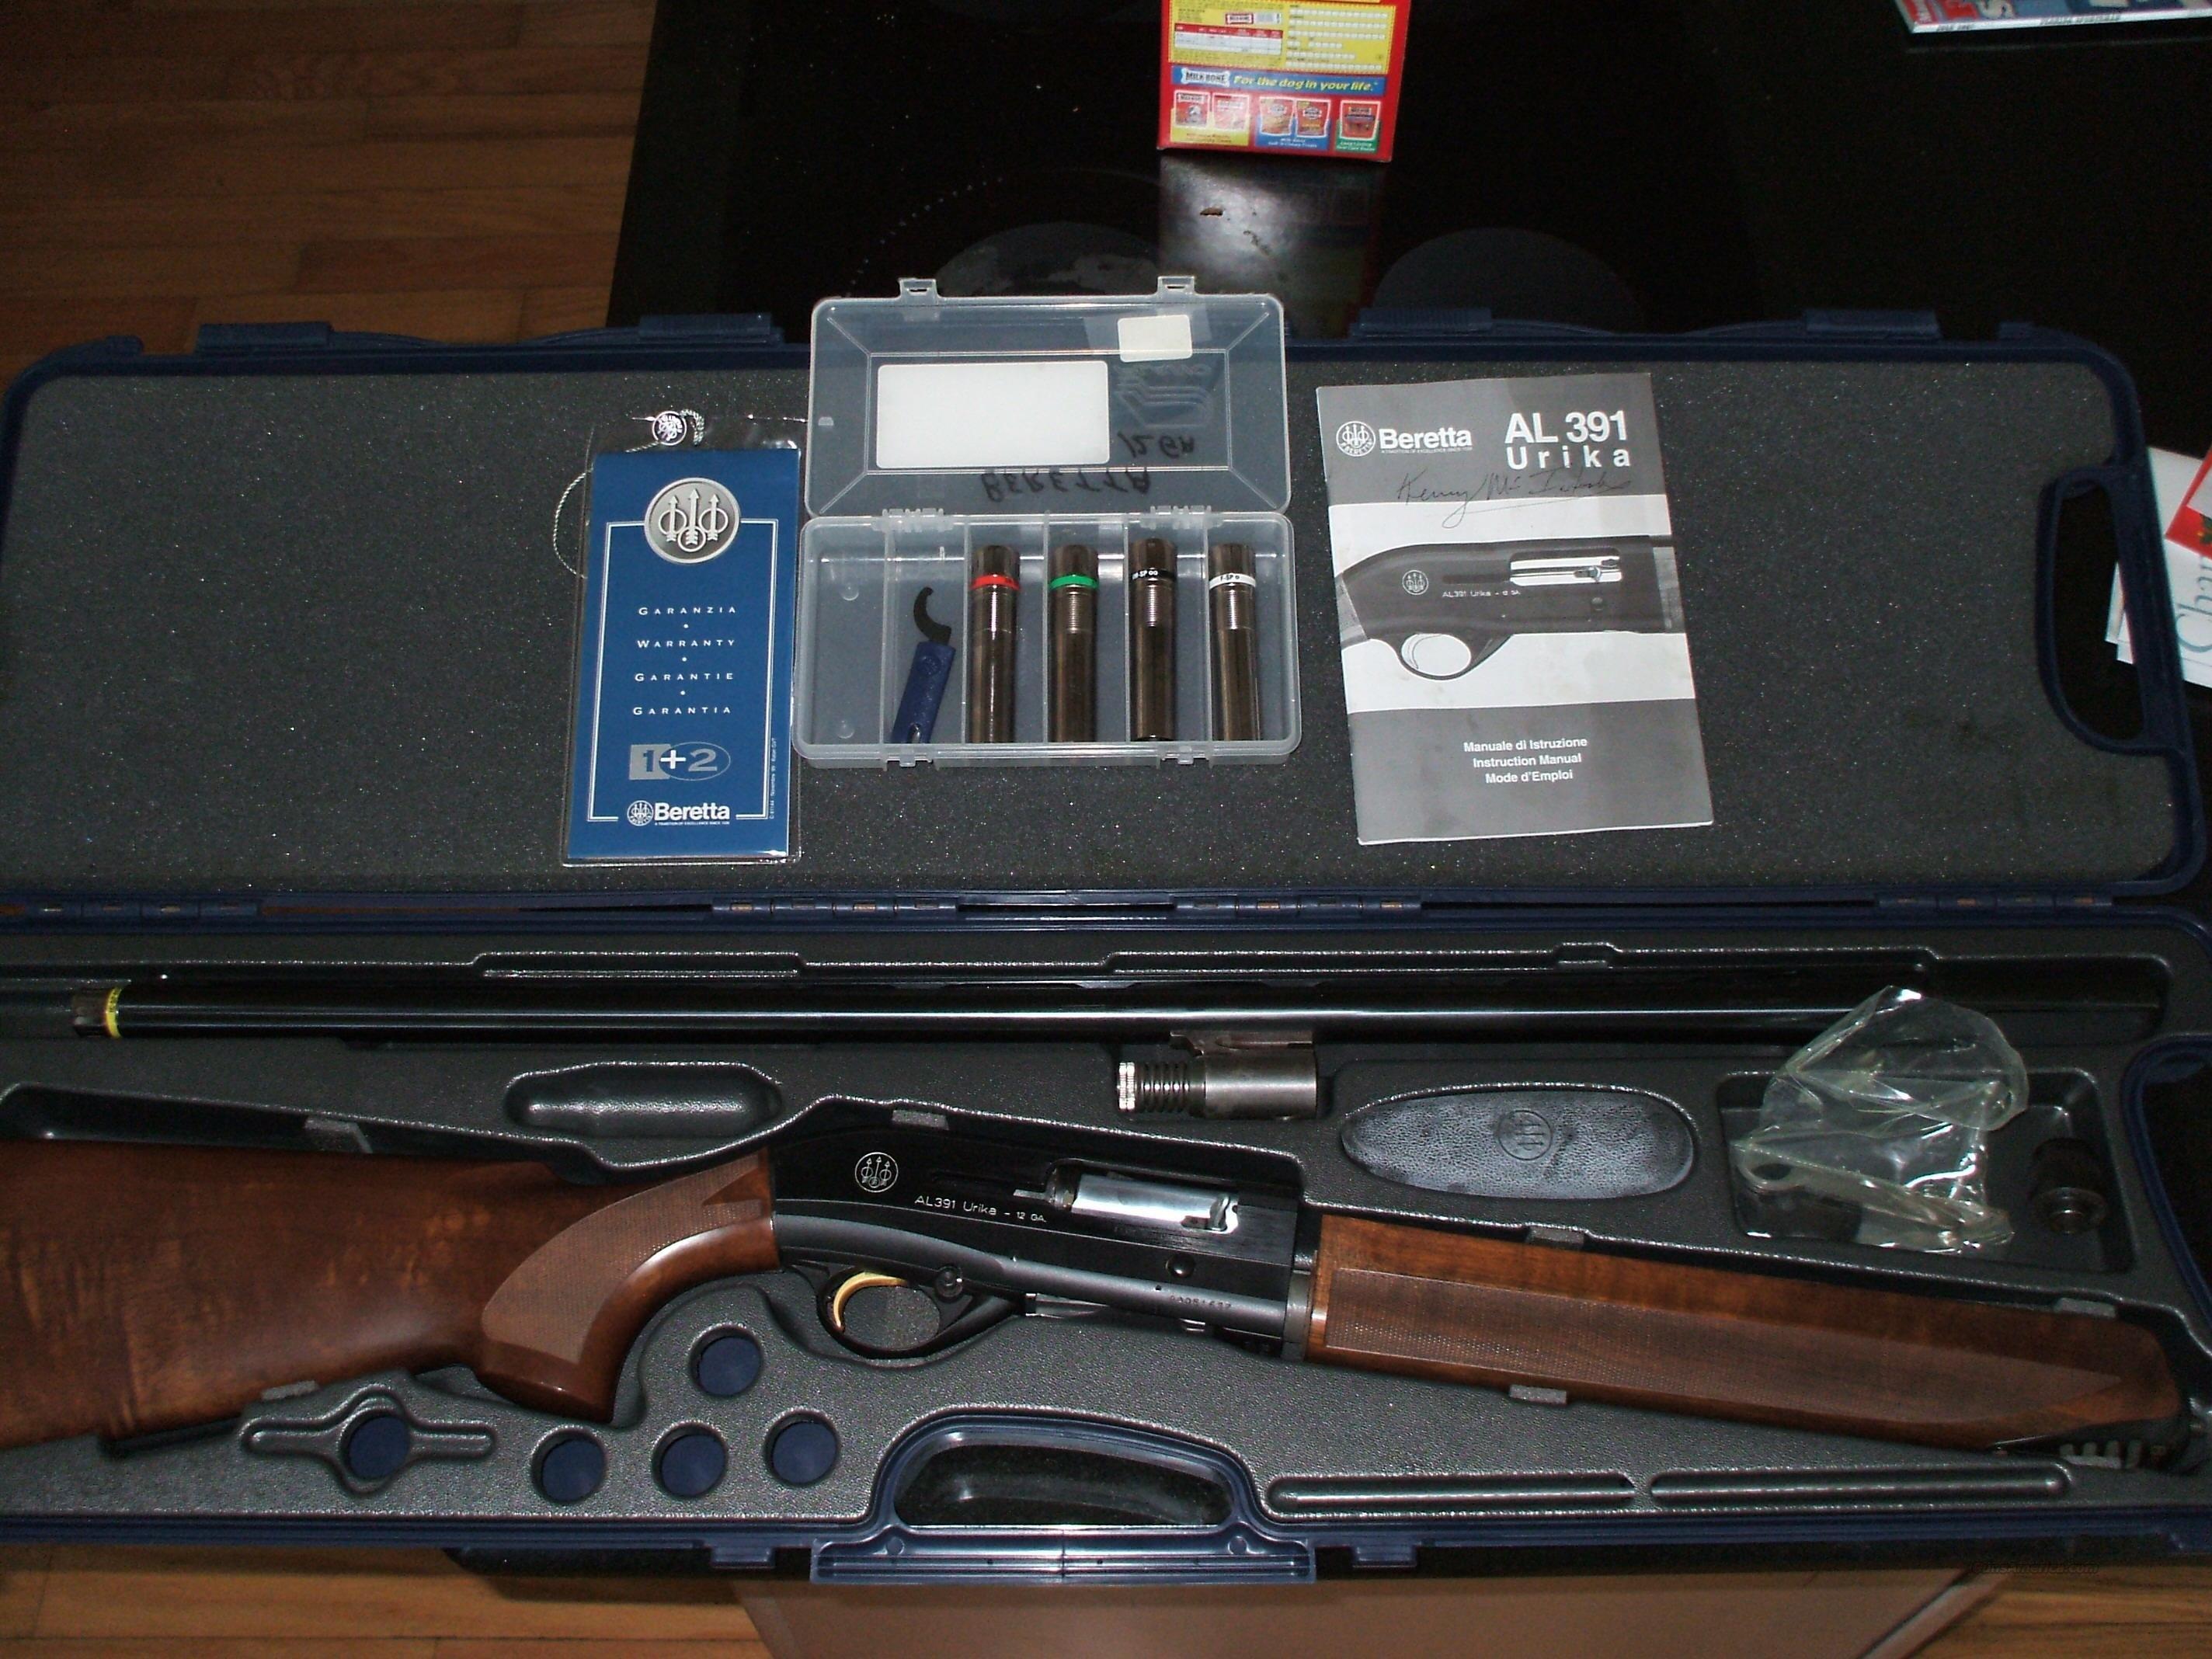 Beretta AL391 Urika 12ga